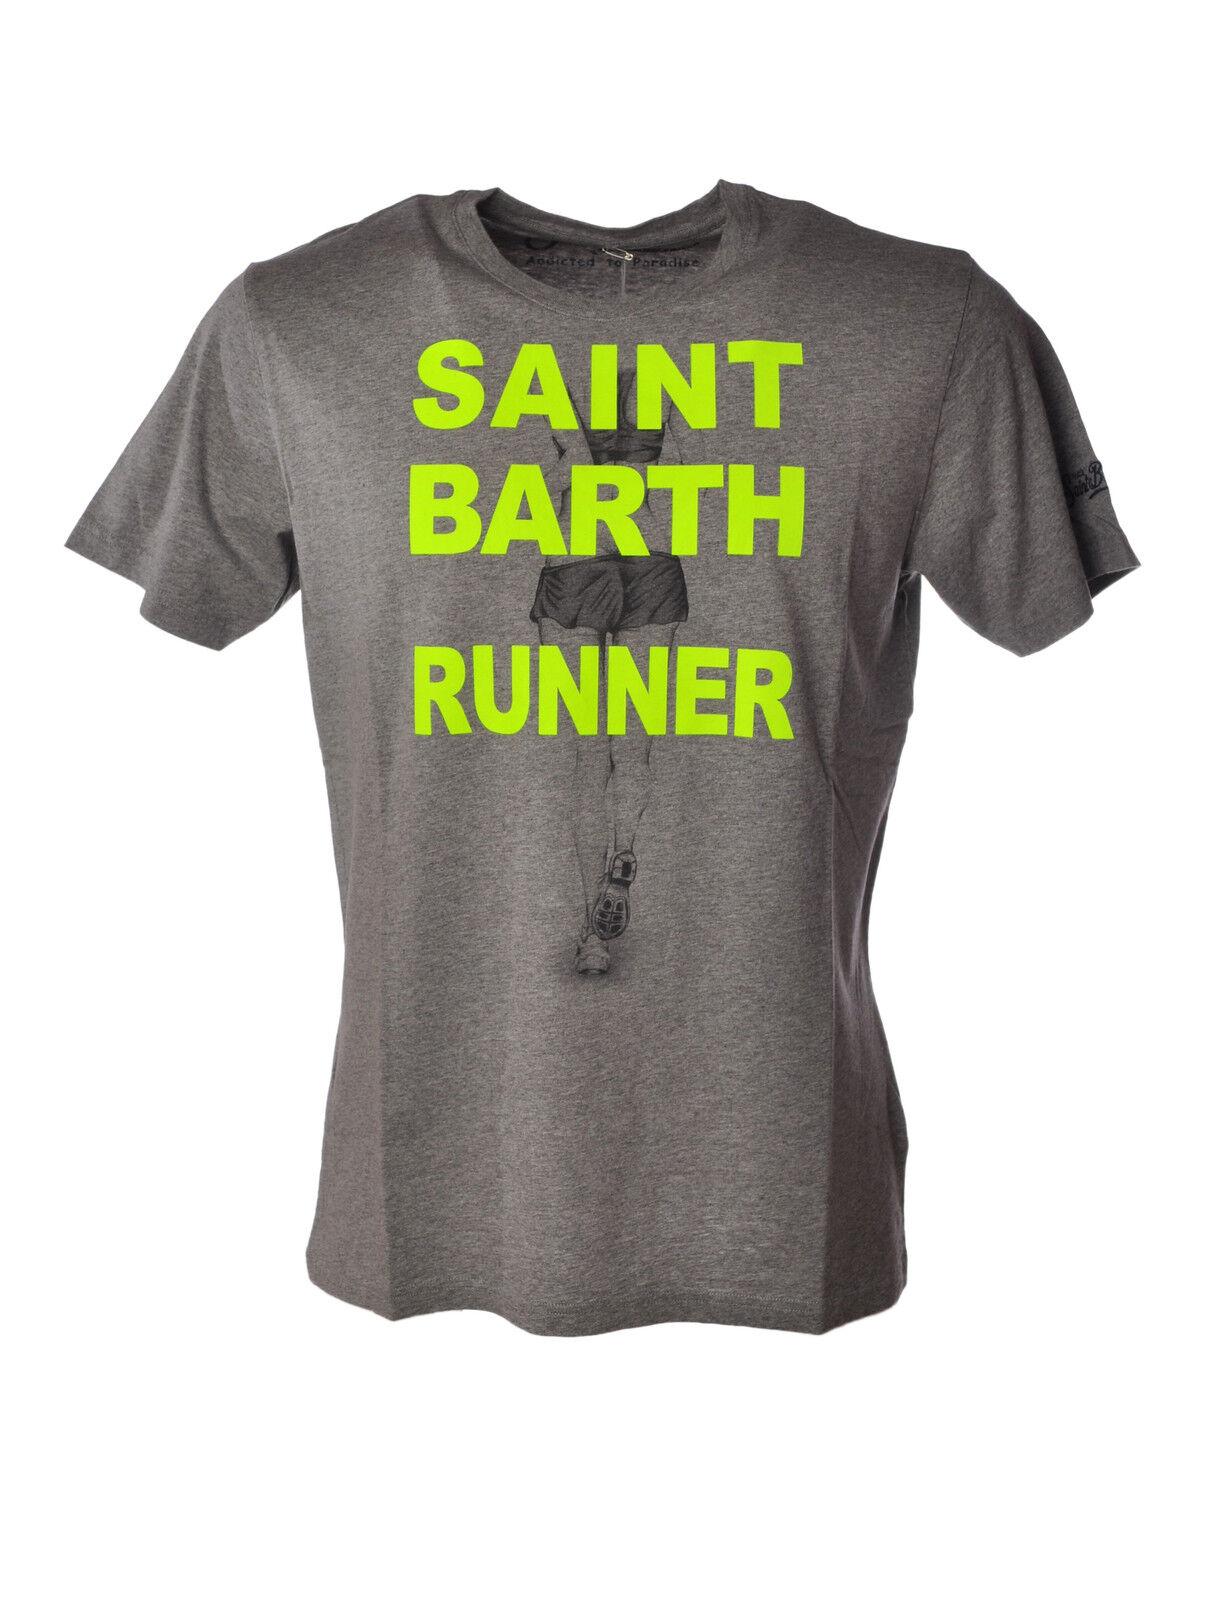 Saint Barth - Topwear-T-shirts - Mann - Grau - 3497810C184151